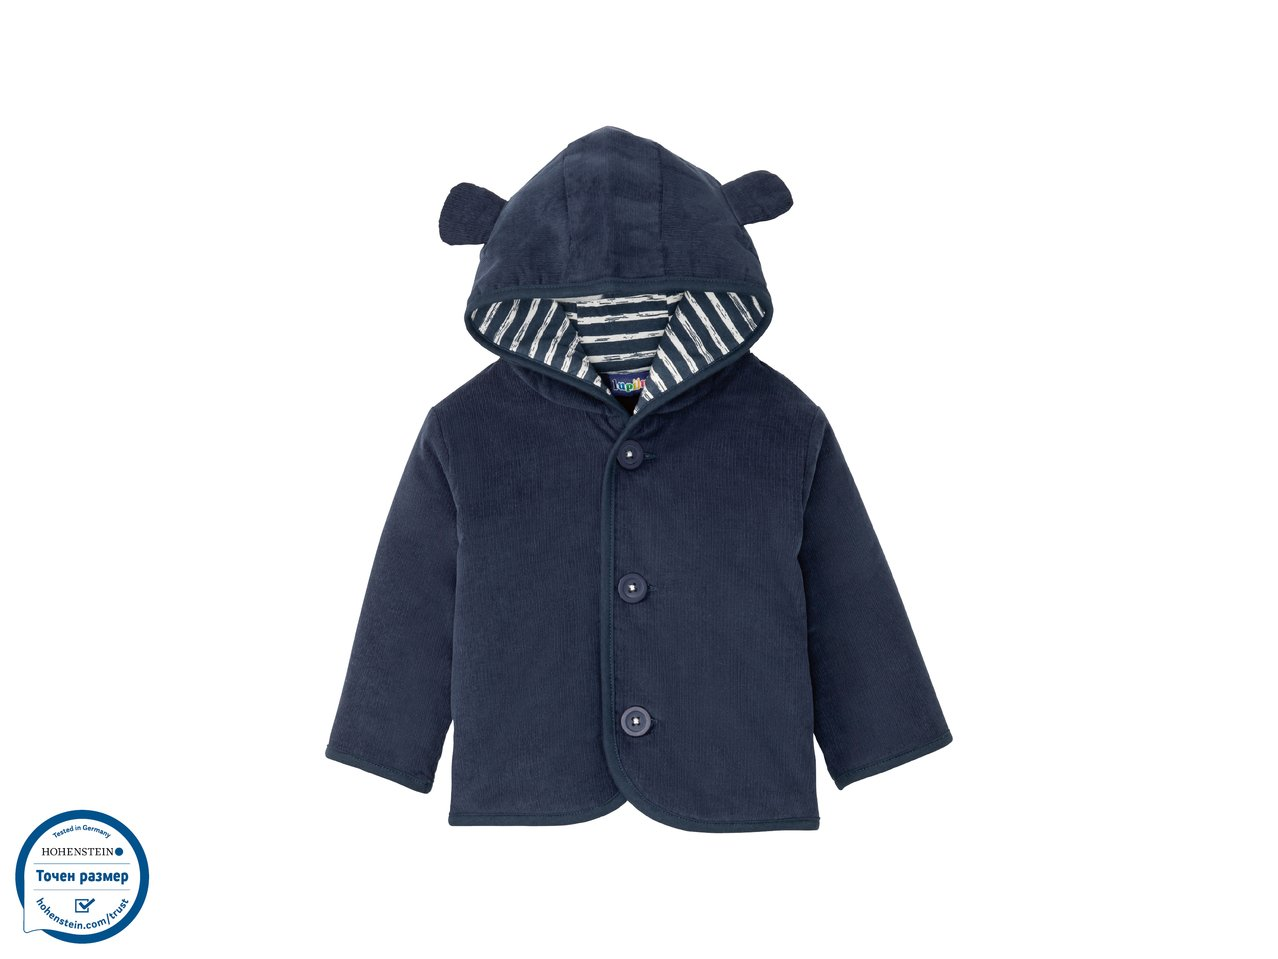 Бебешко яке за момчета